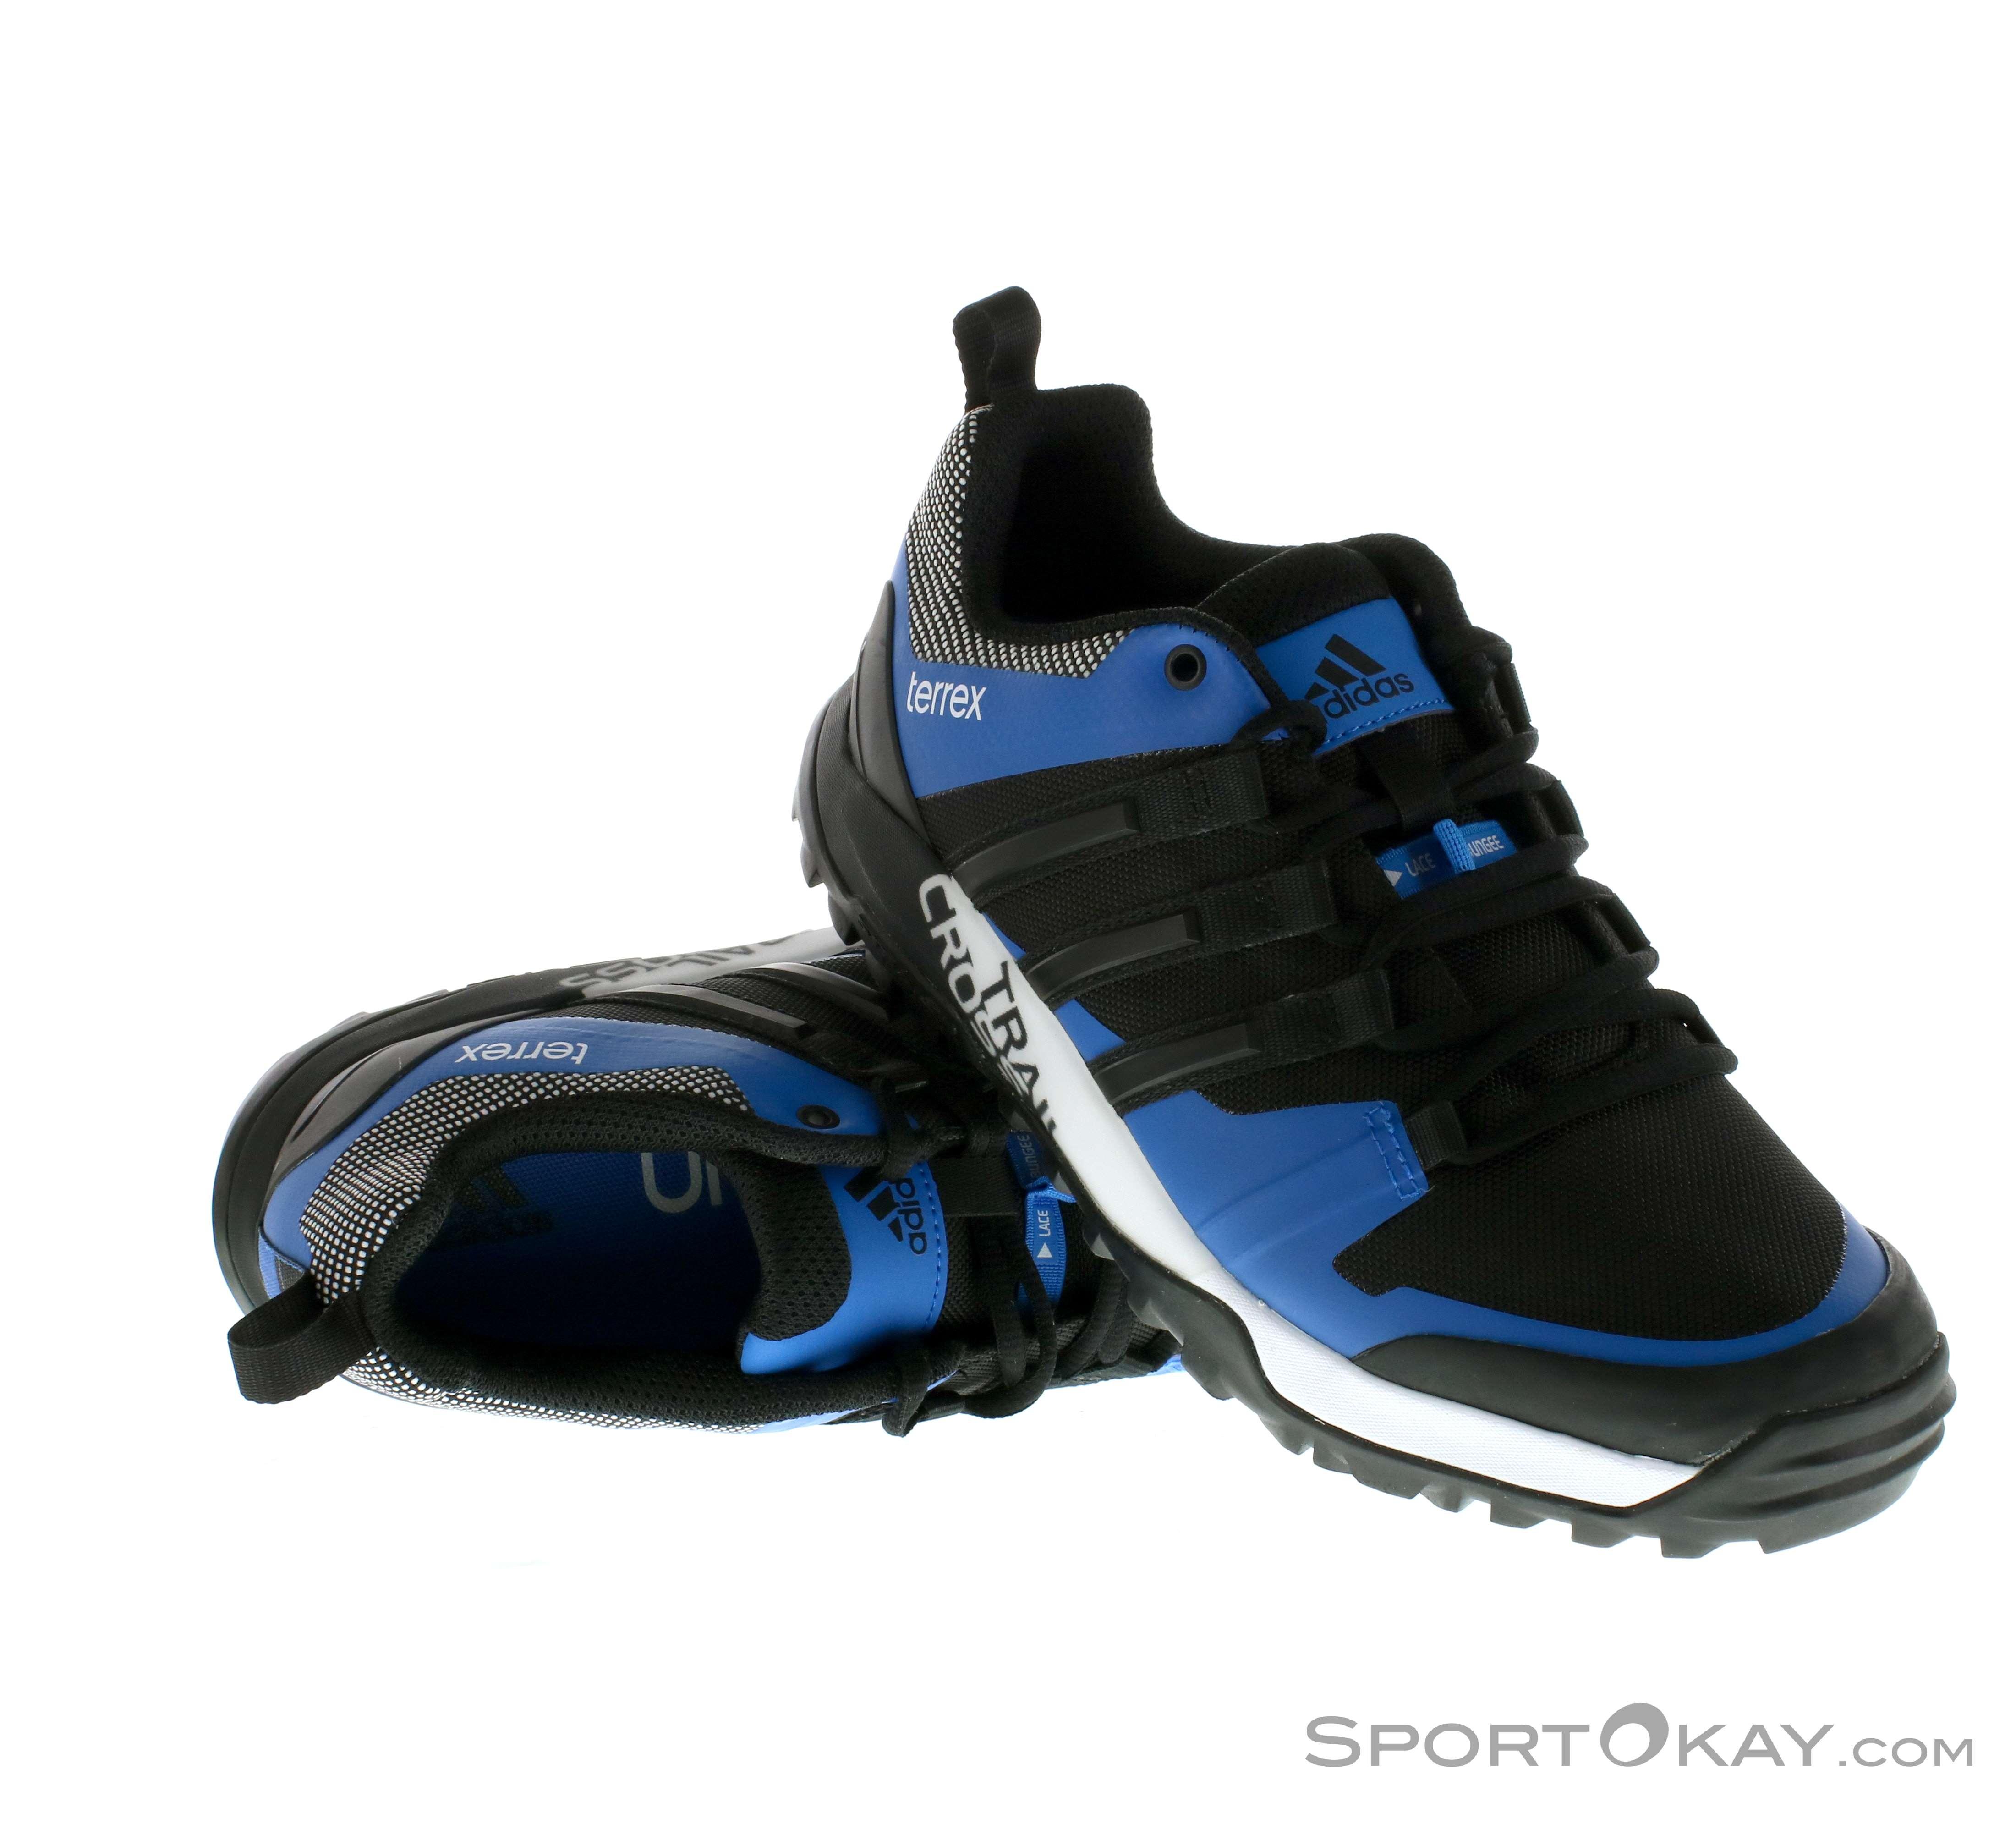 scarpe cross uomo adidas cf070242fac